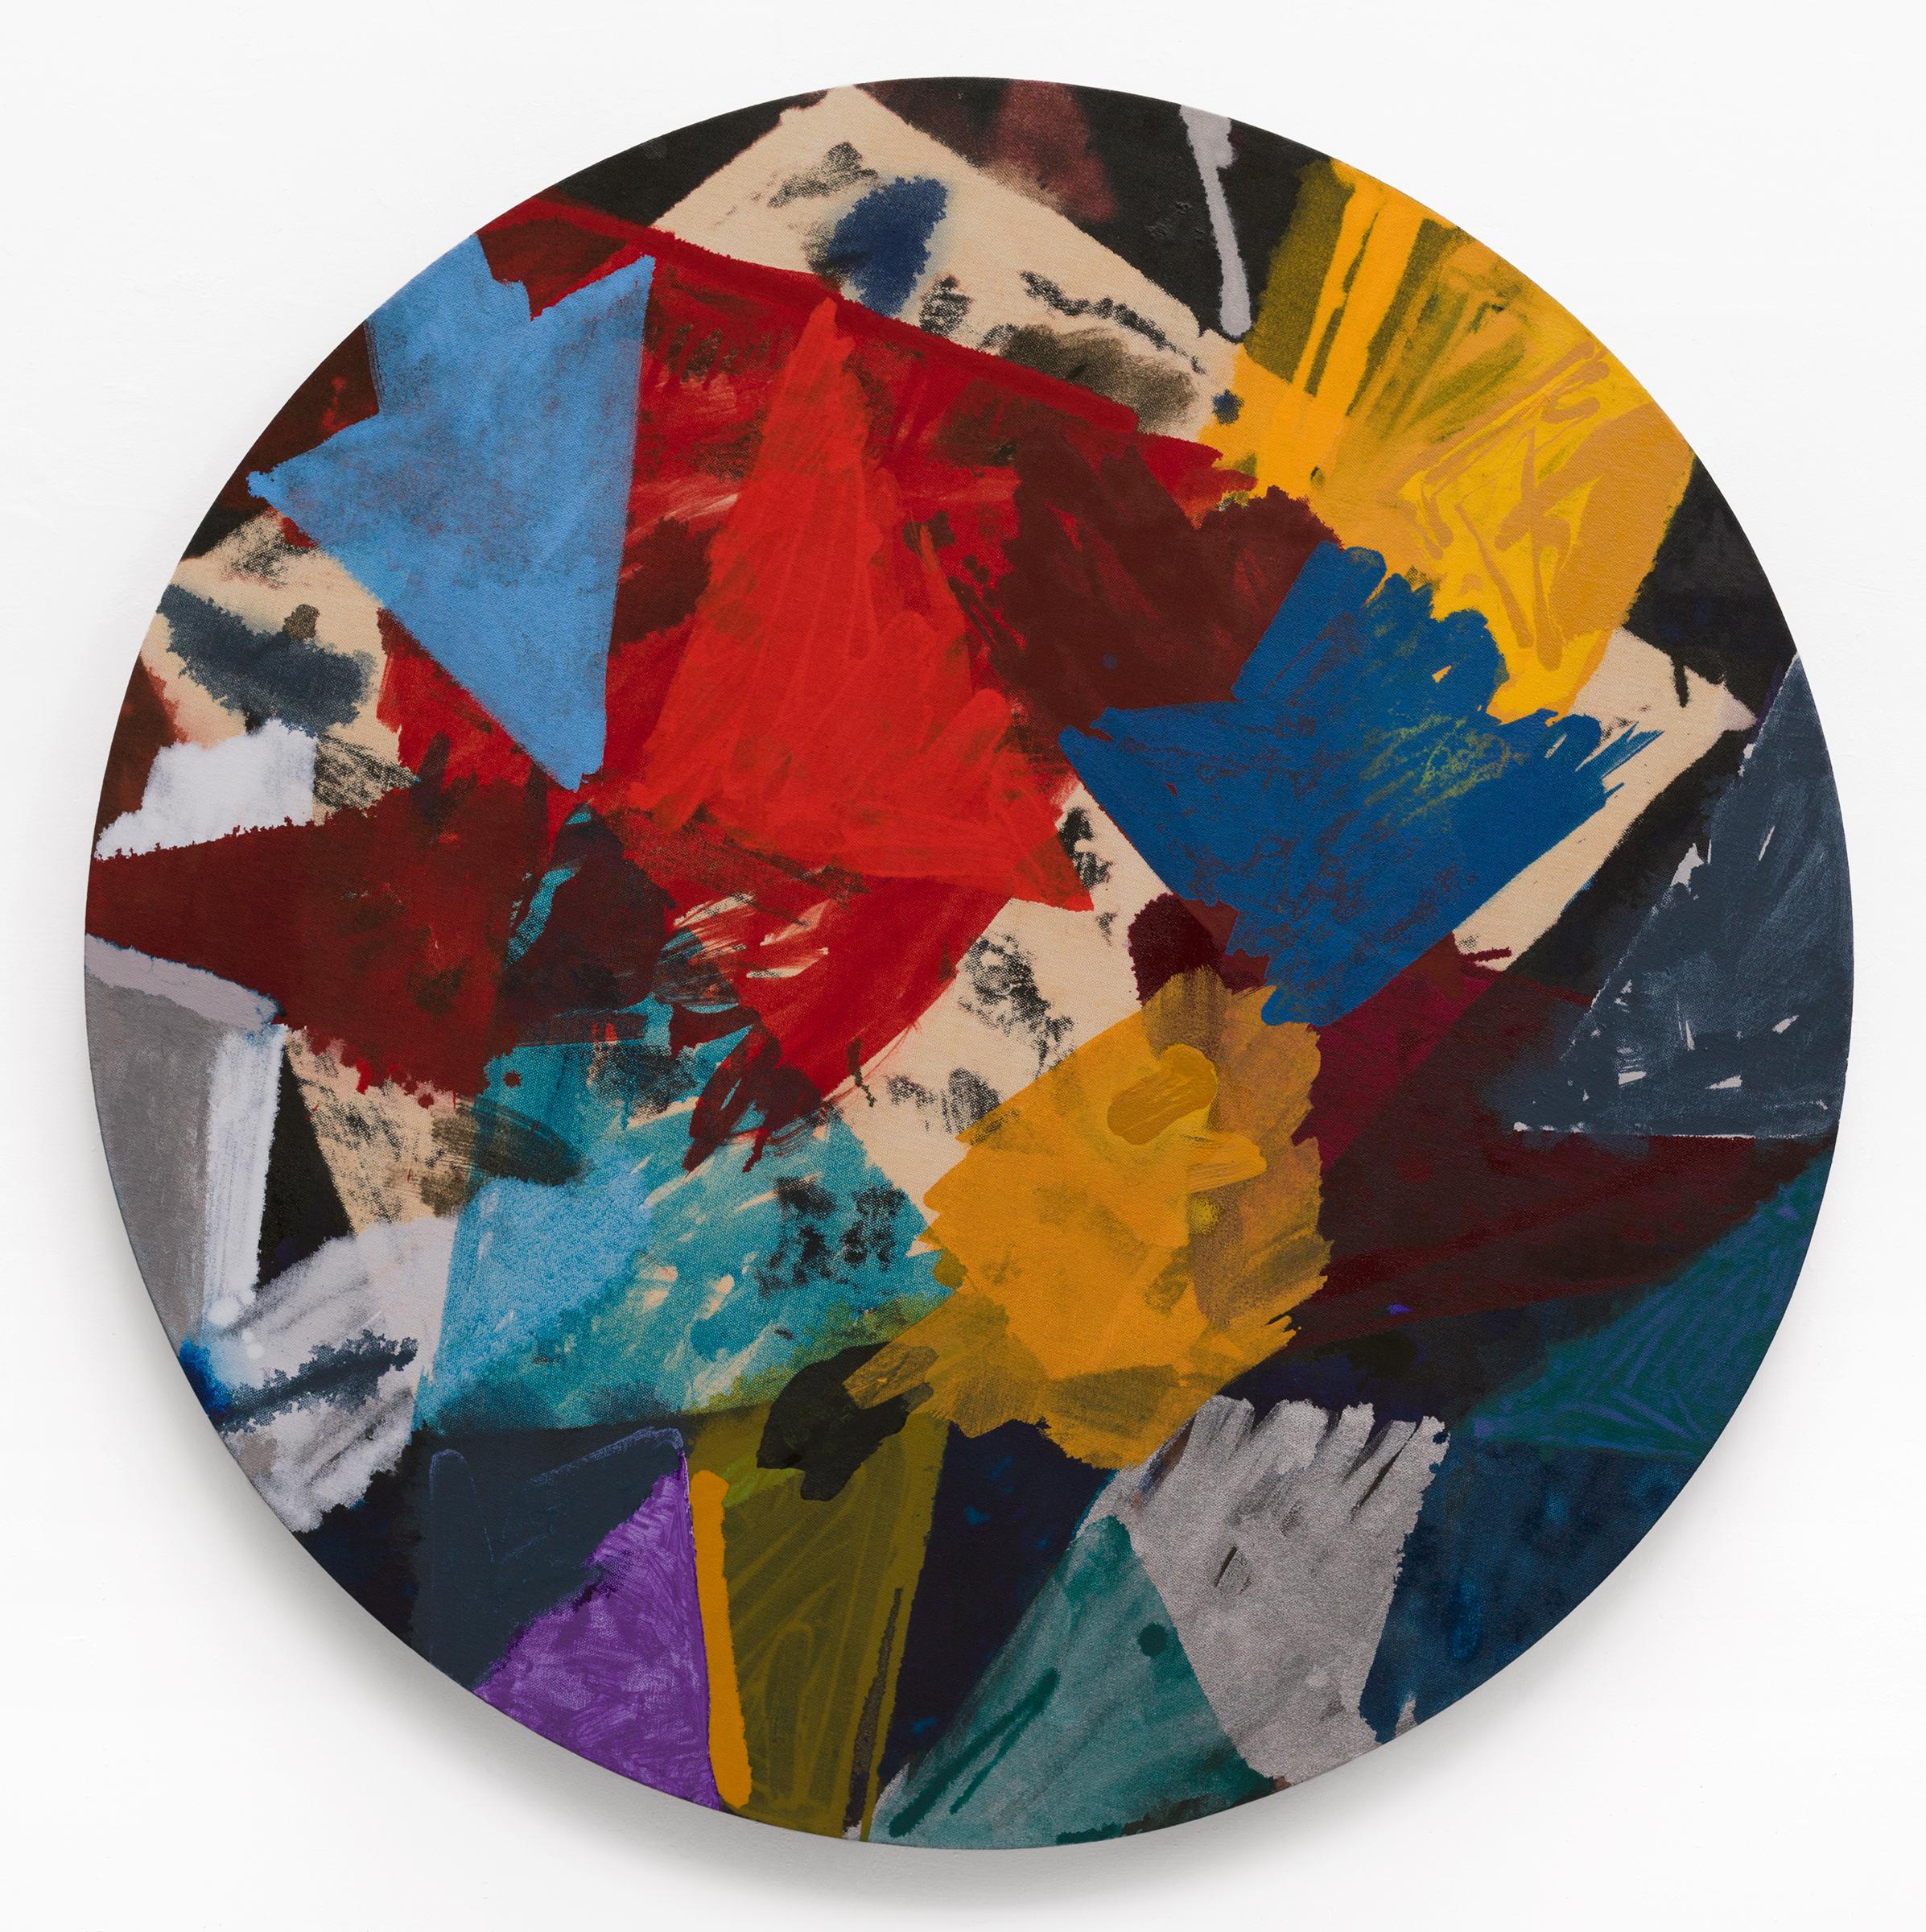 """PAMELA JORDEN   Shards, 2016, oil and bleach on linen, 46"""" diameter"""